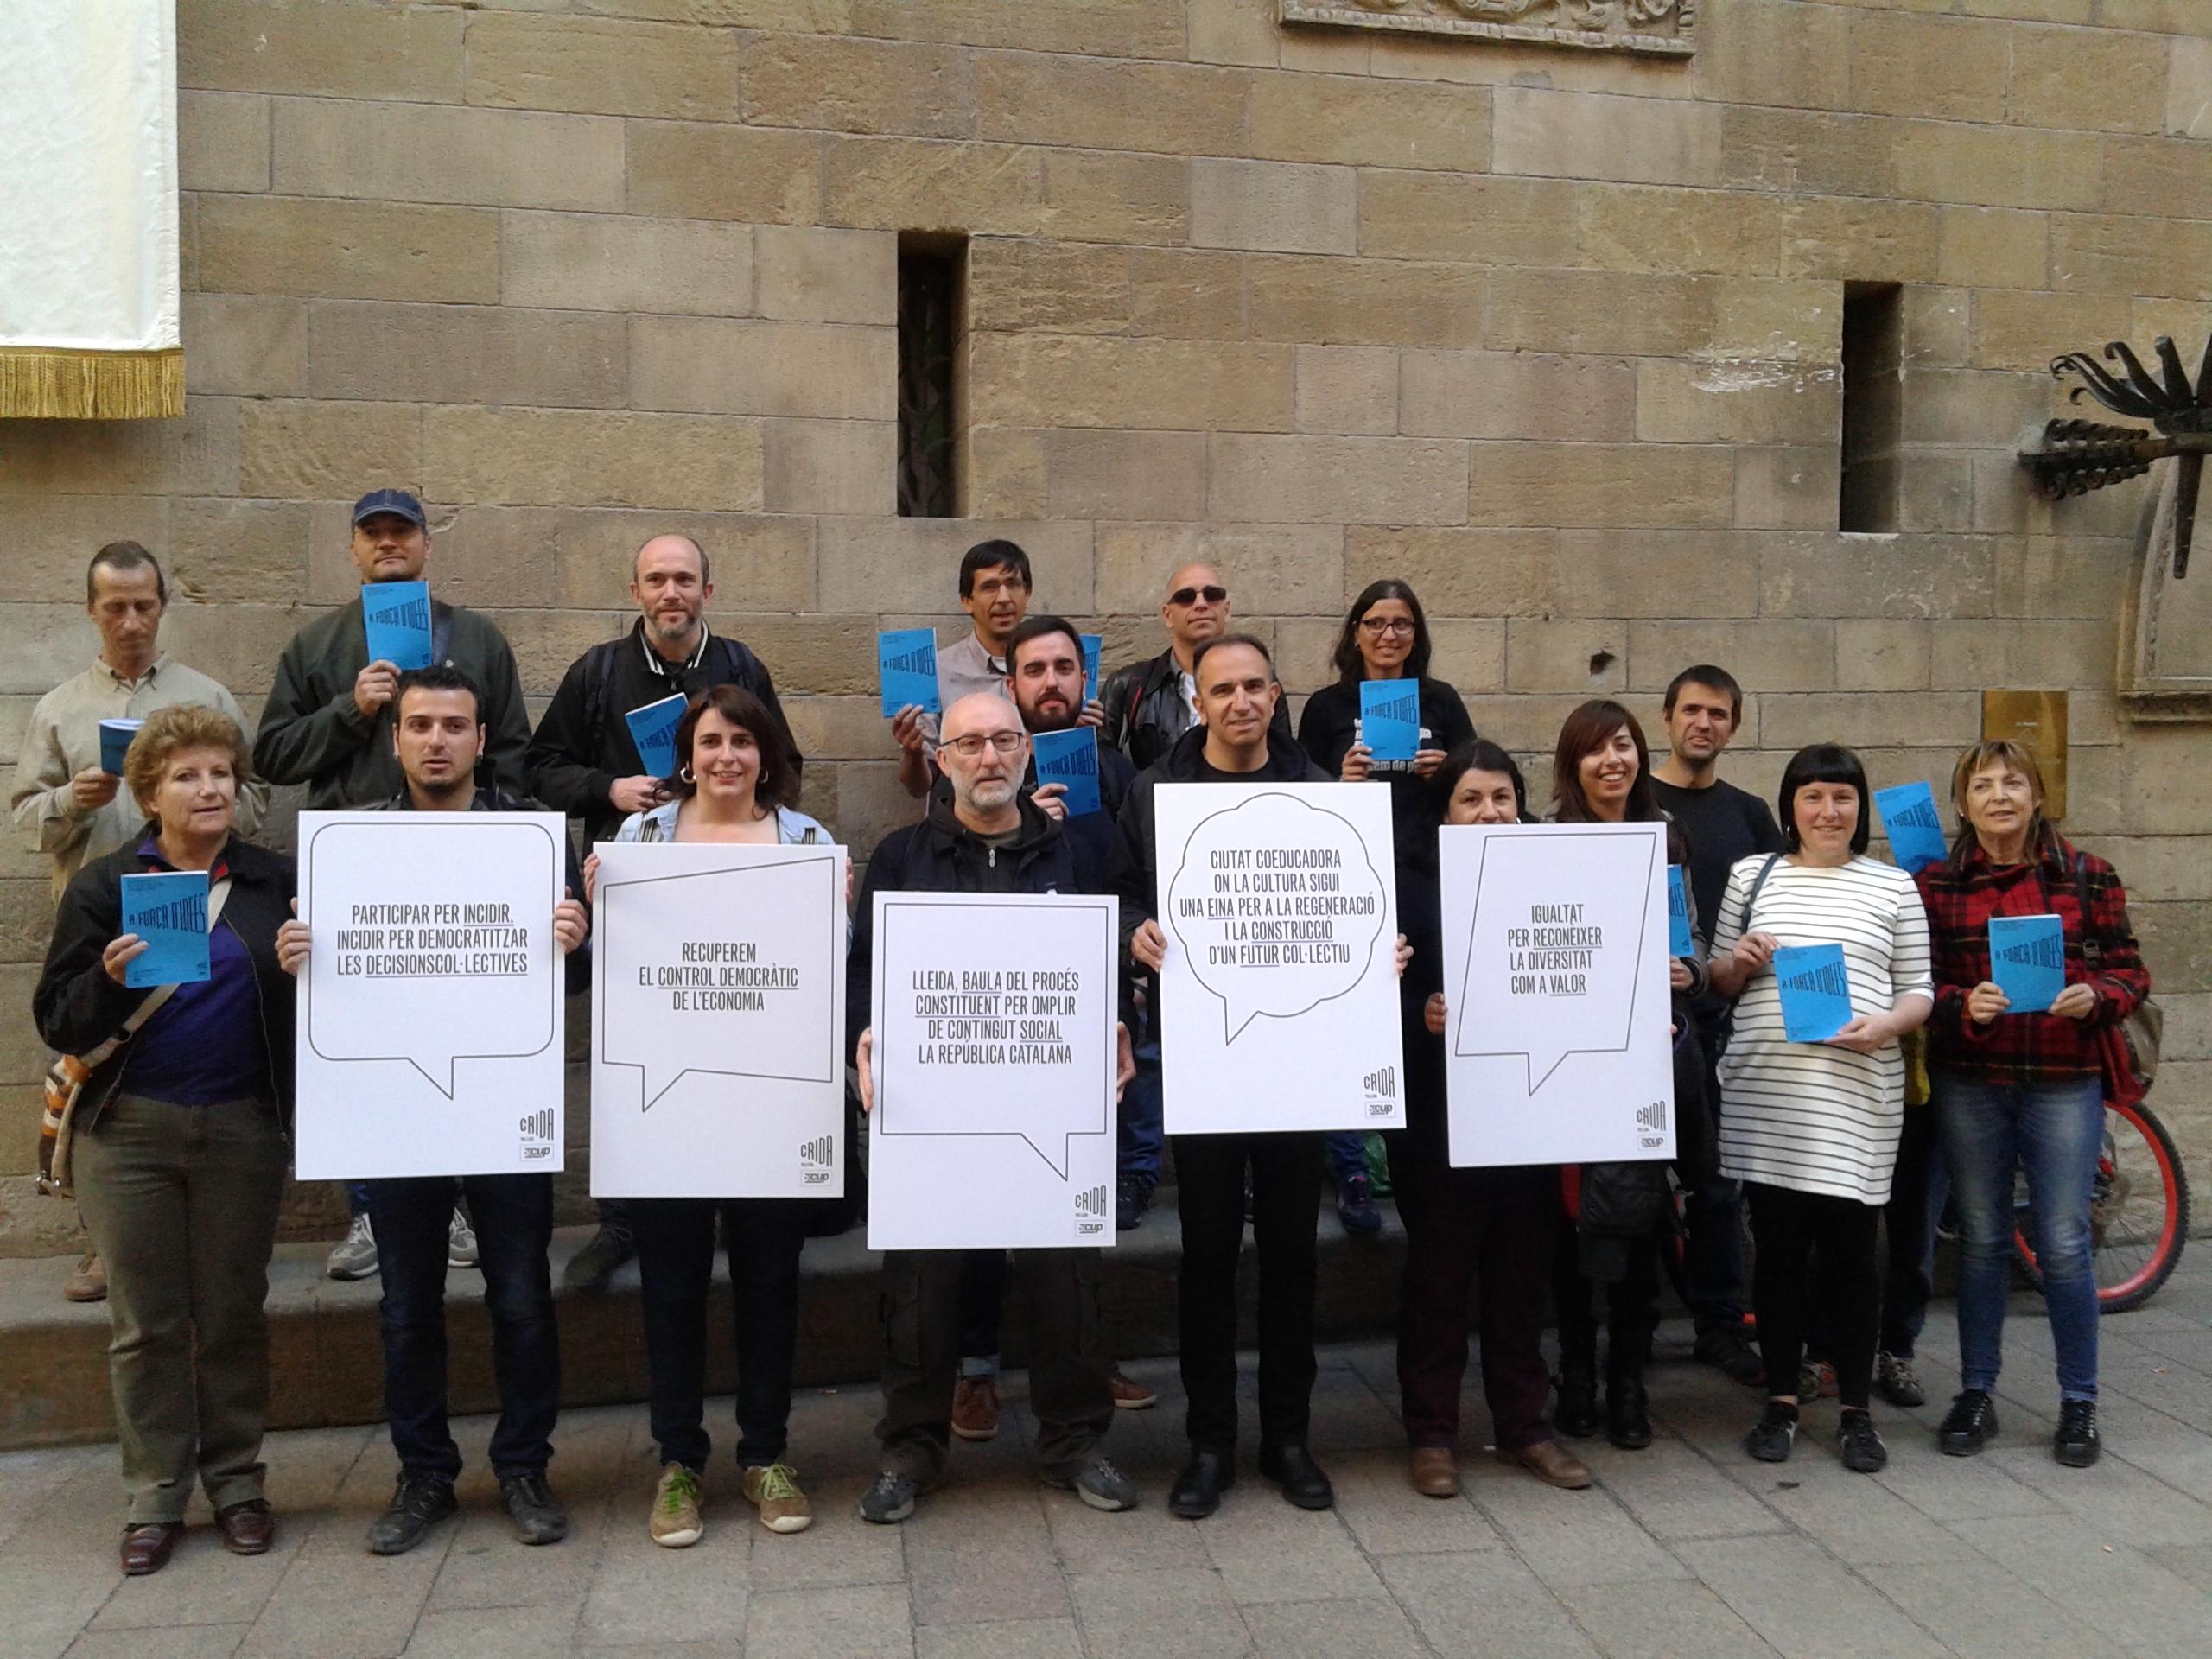 Membres i simpatitzants de la Crida per Lleida / CxLl